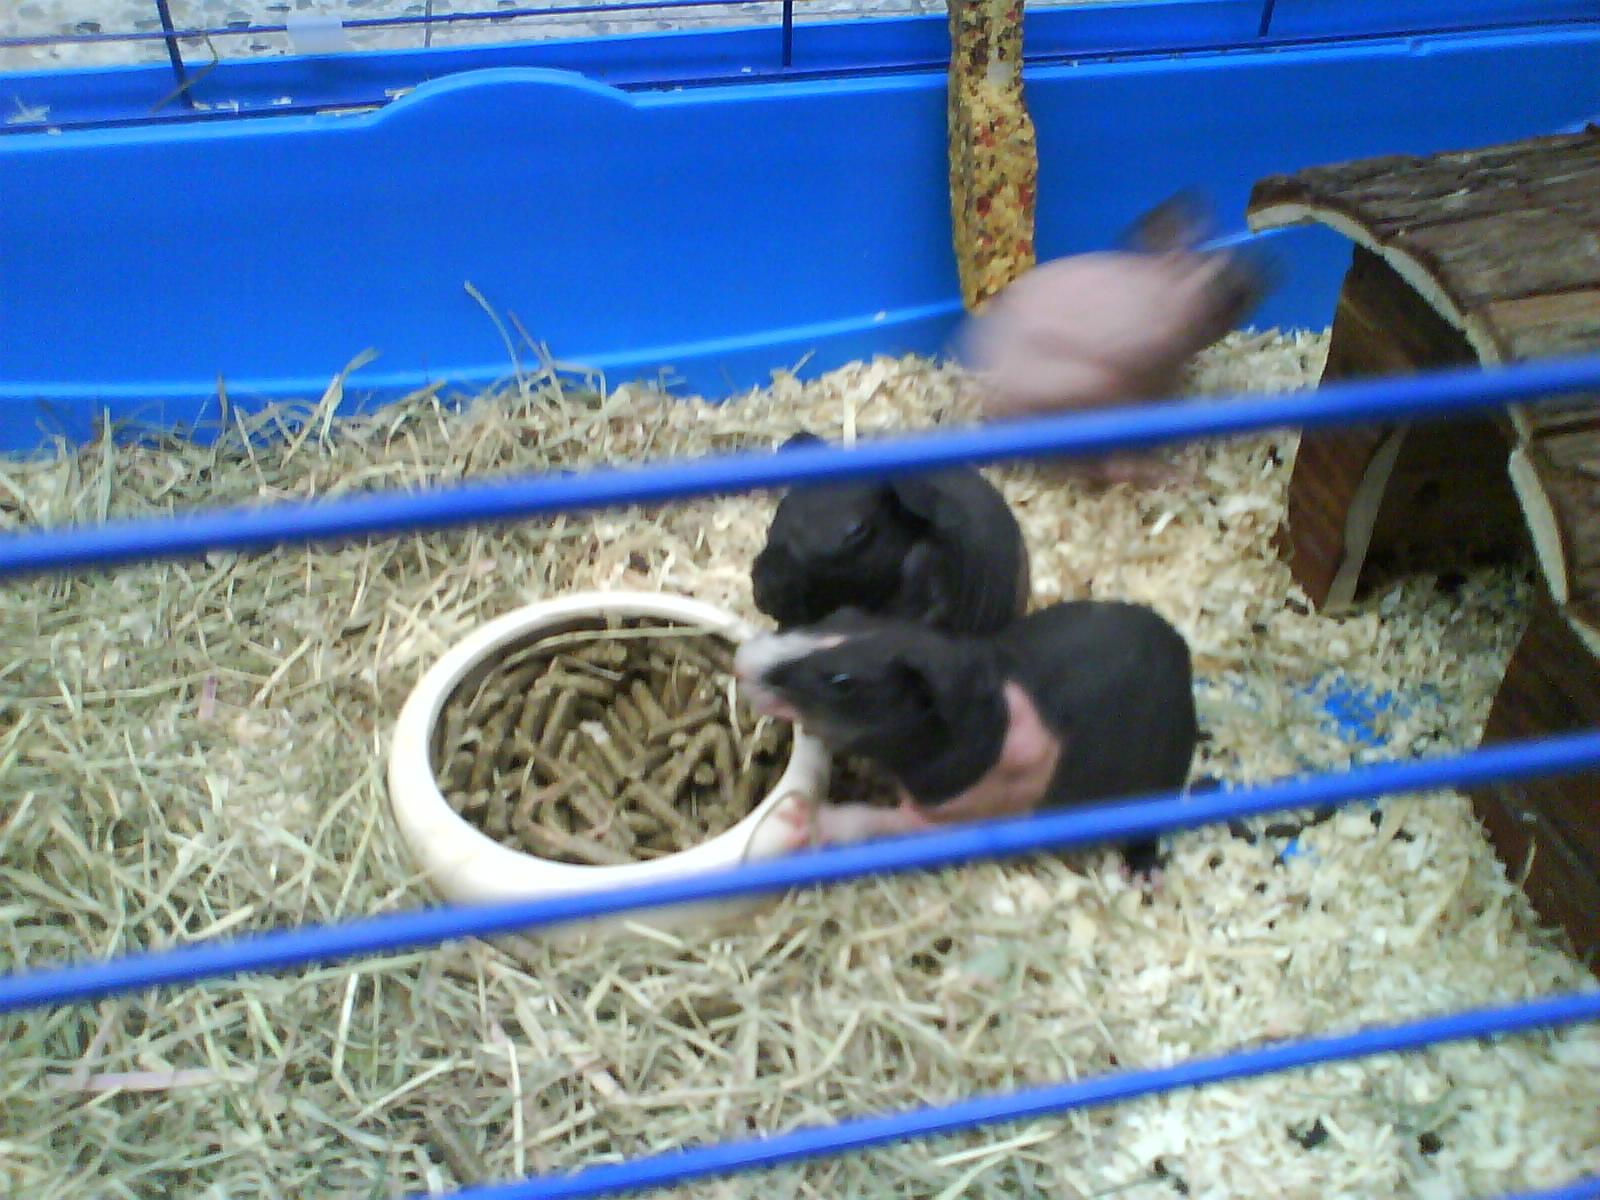 Skinny Nacktmeerschweinchen beim Fressen